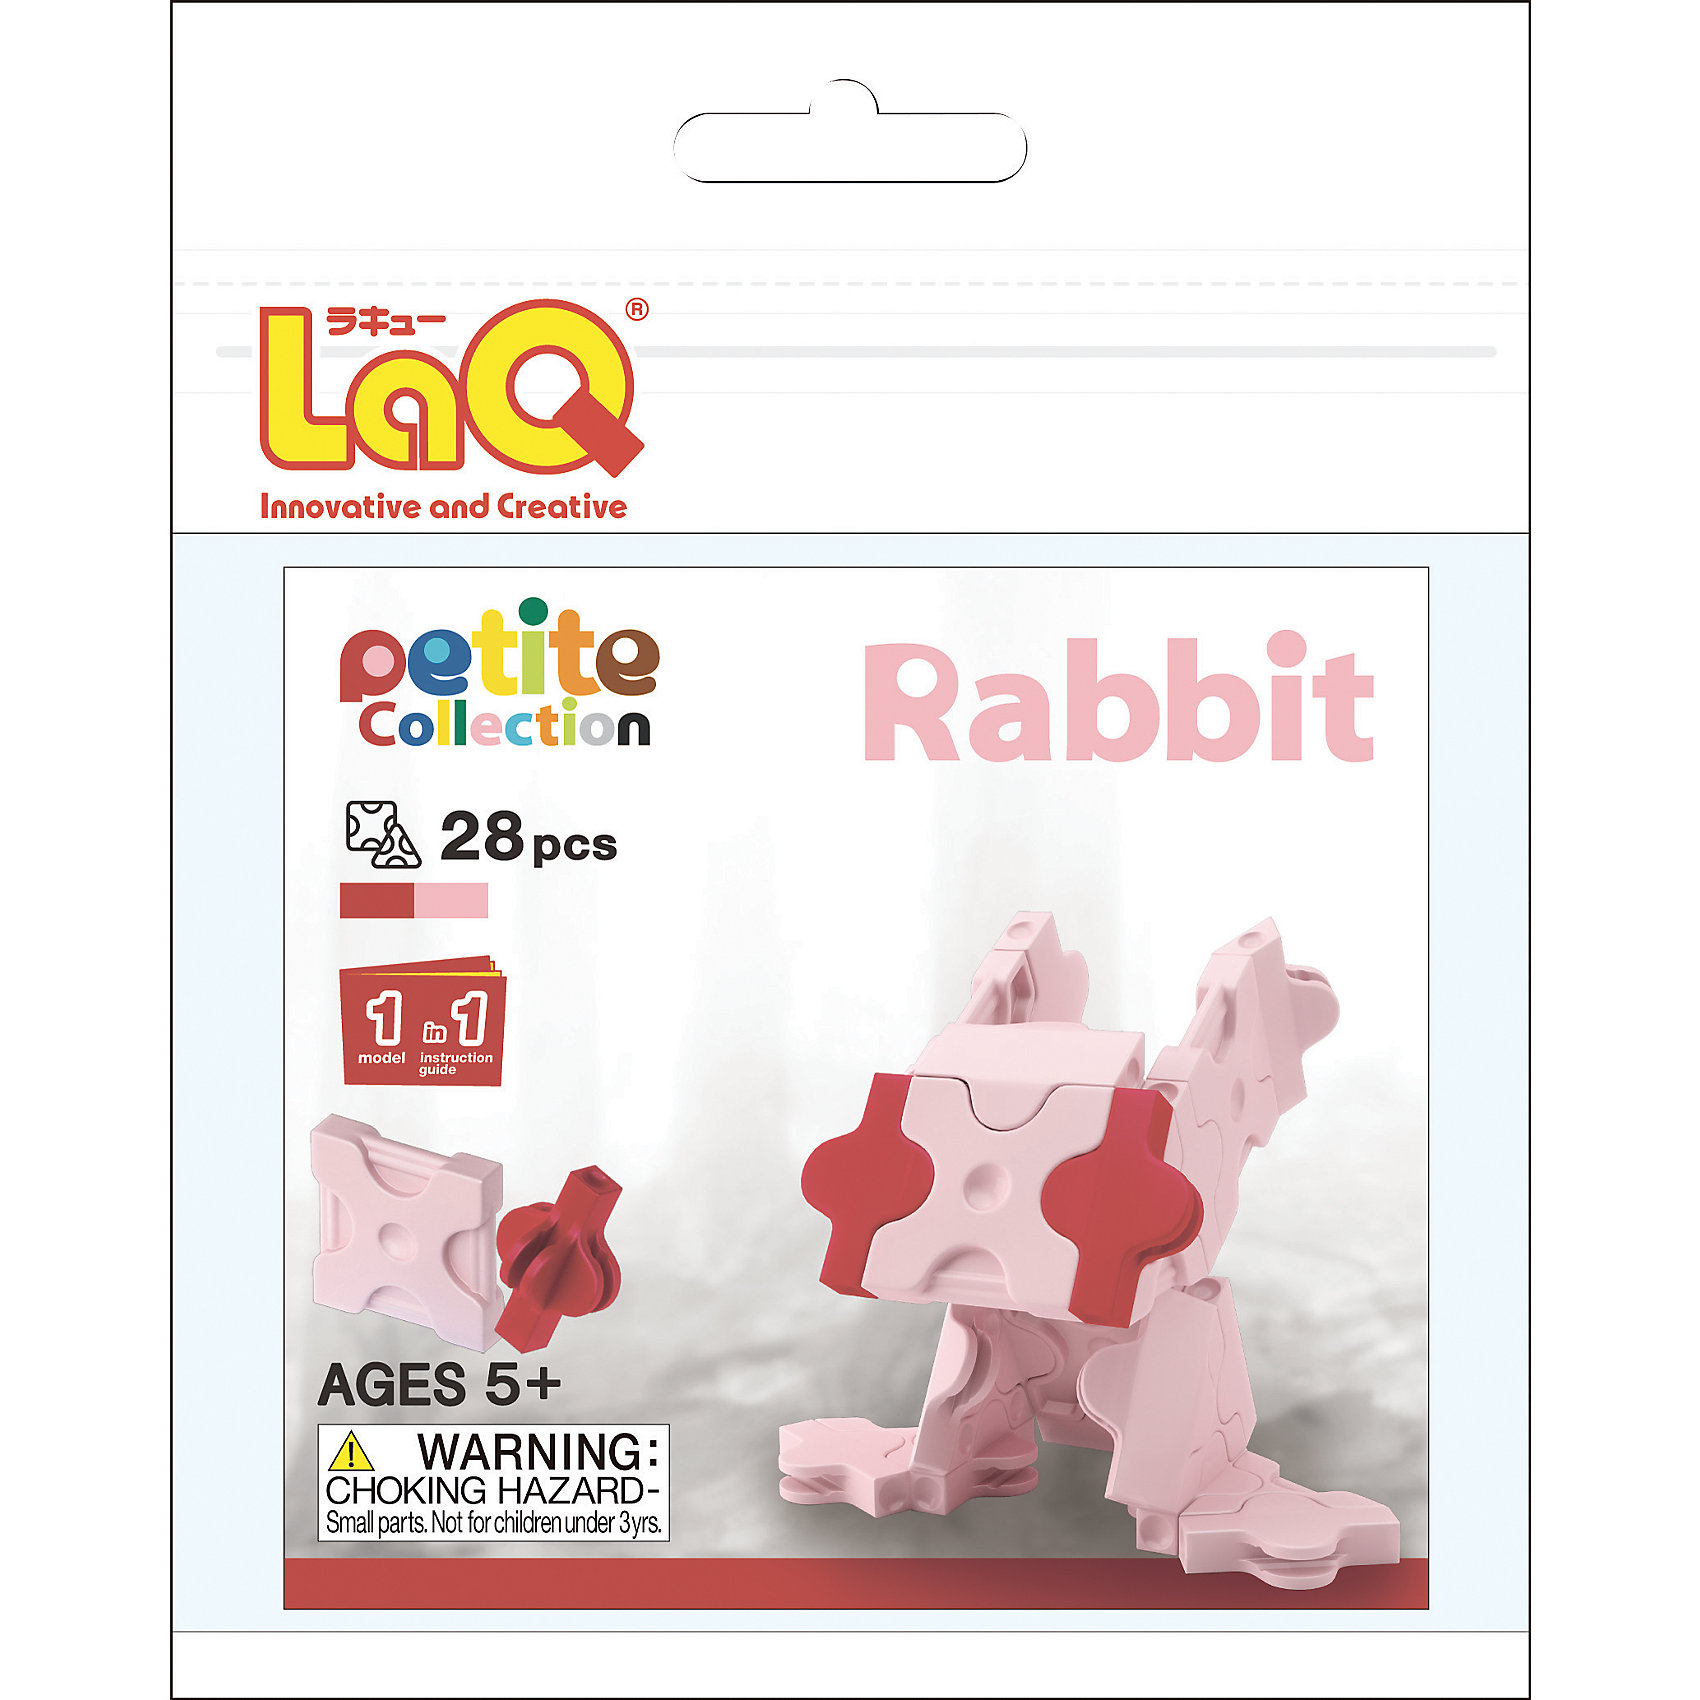 Конструктор Rabbit, 28 деталей, LaQПластмассовые конструкторы<br>Конструктор Rabbit состоит из 28 оригинальных деталей, из которых ребенок с легкостью сможет собрать необычного кролика. В наборе имеются яркие детали с формой треугольника и квадрата, с пятью удобными боковыми креплениями, которые можно соединять как прямо, так и с наклоном. Игра с конструктором развивает воображение, мелкую моторику и усидчивость. Соединять детали невероятно просто, что позволит ребенку почувствовать себя настоящим скульптором!<br><br>Дополнительная информация:<br>В наборе:28 деталей(2 цвета), инструкция <br>Материал: пластик<br>Размер упаковки: 12х16 см<br>Конструктор Rabbit можно приобрести в нашем интернет-магазине.<br><br>Ширина мм: 120<br>Глубина мм: 160<br>Высота мм: 5<br>Вес г: 19<br>Возраст от месяцев: 60<br>Возраст до месяцев: 1188<br>Пол: Унисекс<br>Возраст: Детский<br>SKU: 4944580